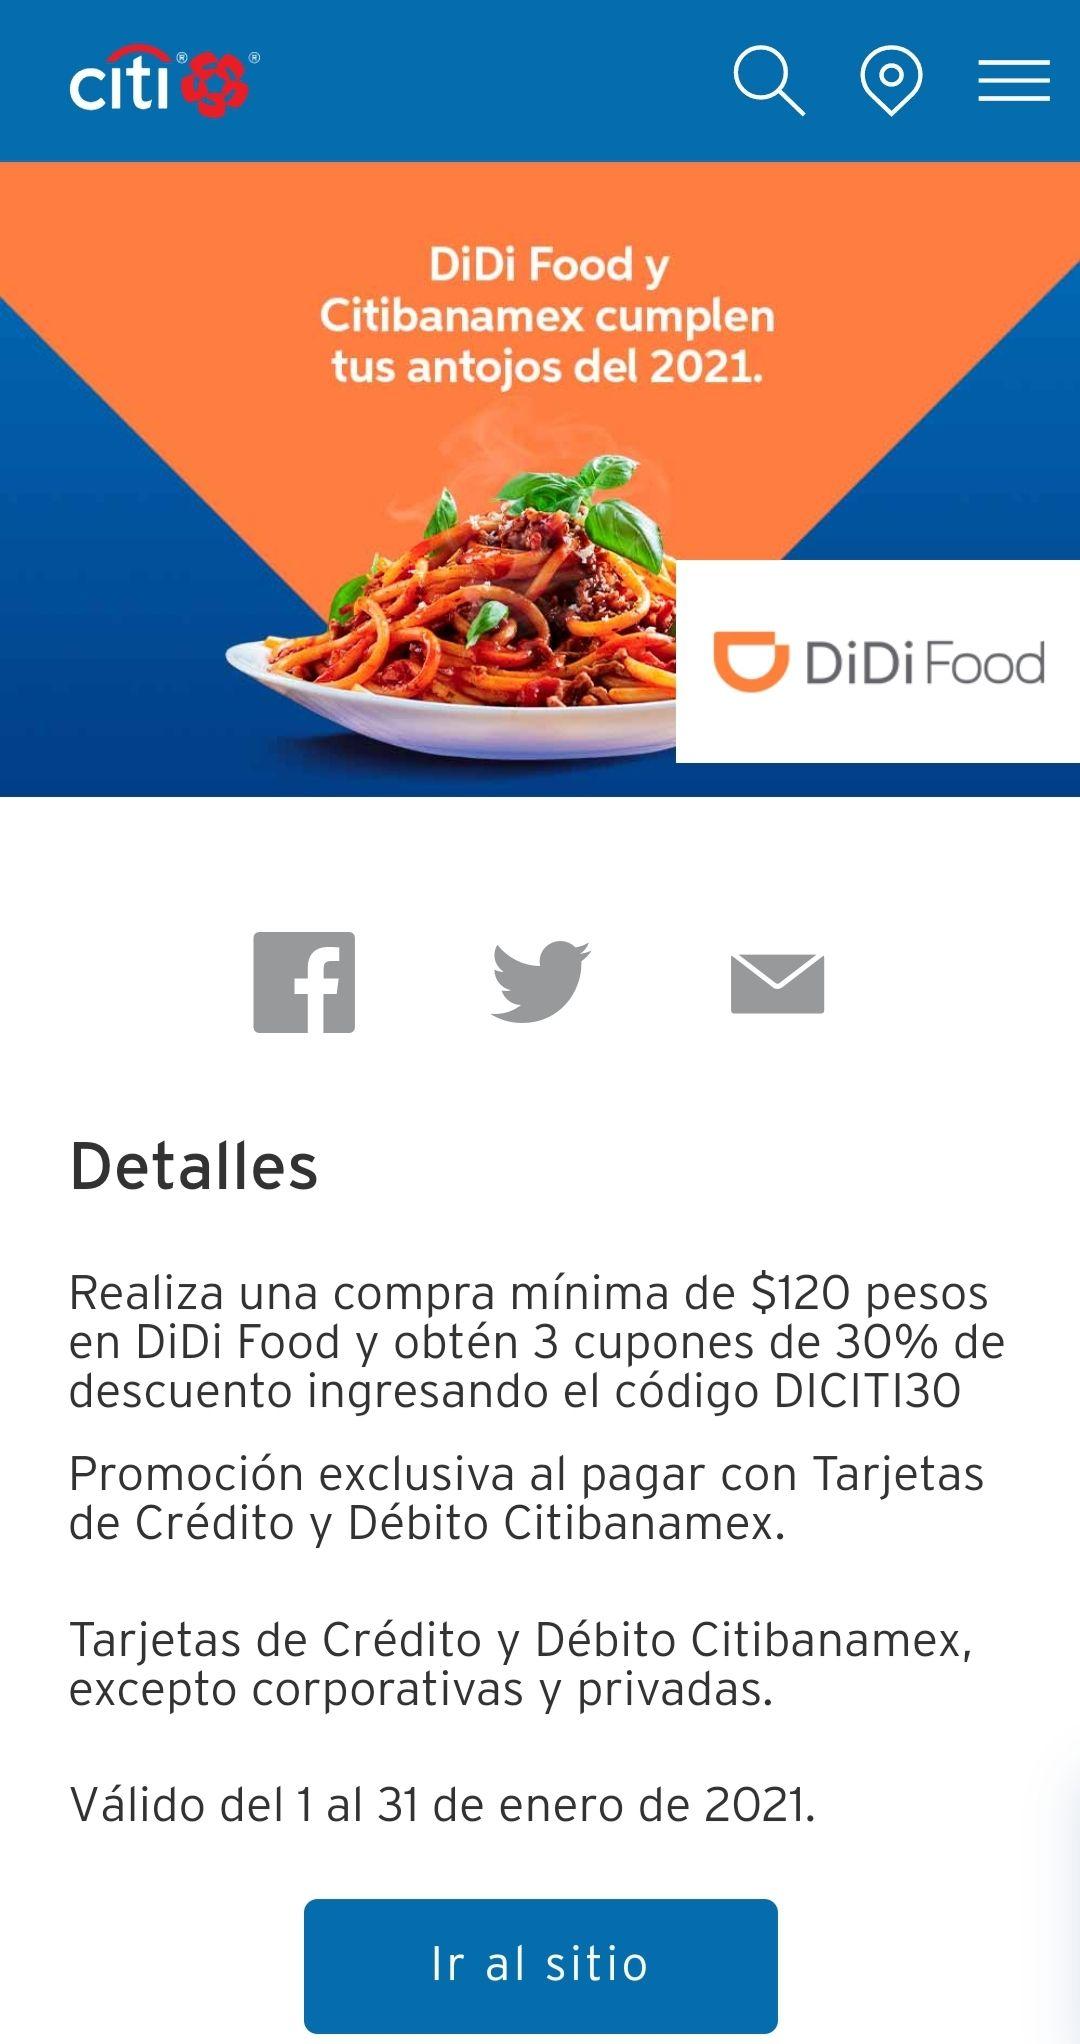 Didi food: cupón 30% descuento con Citibanamex